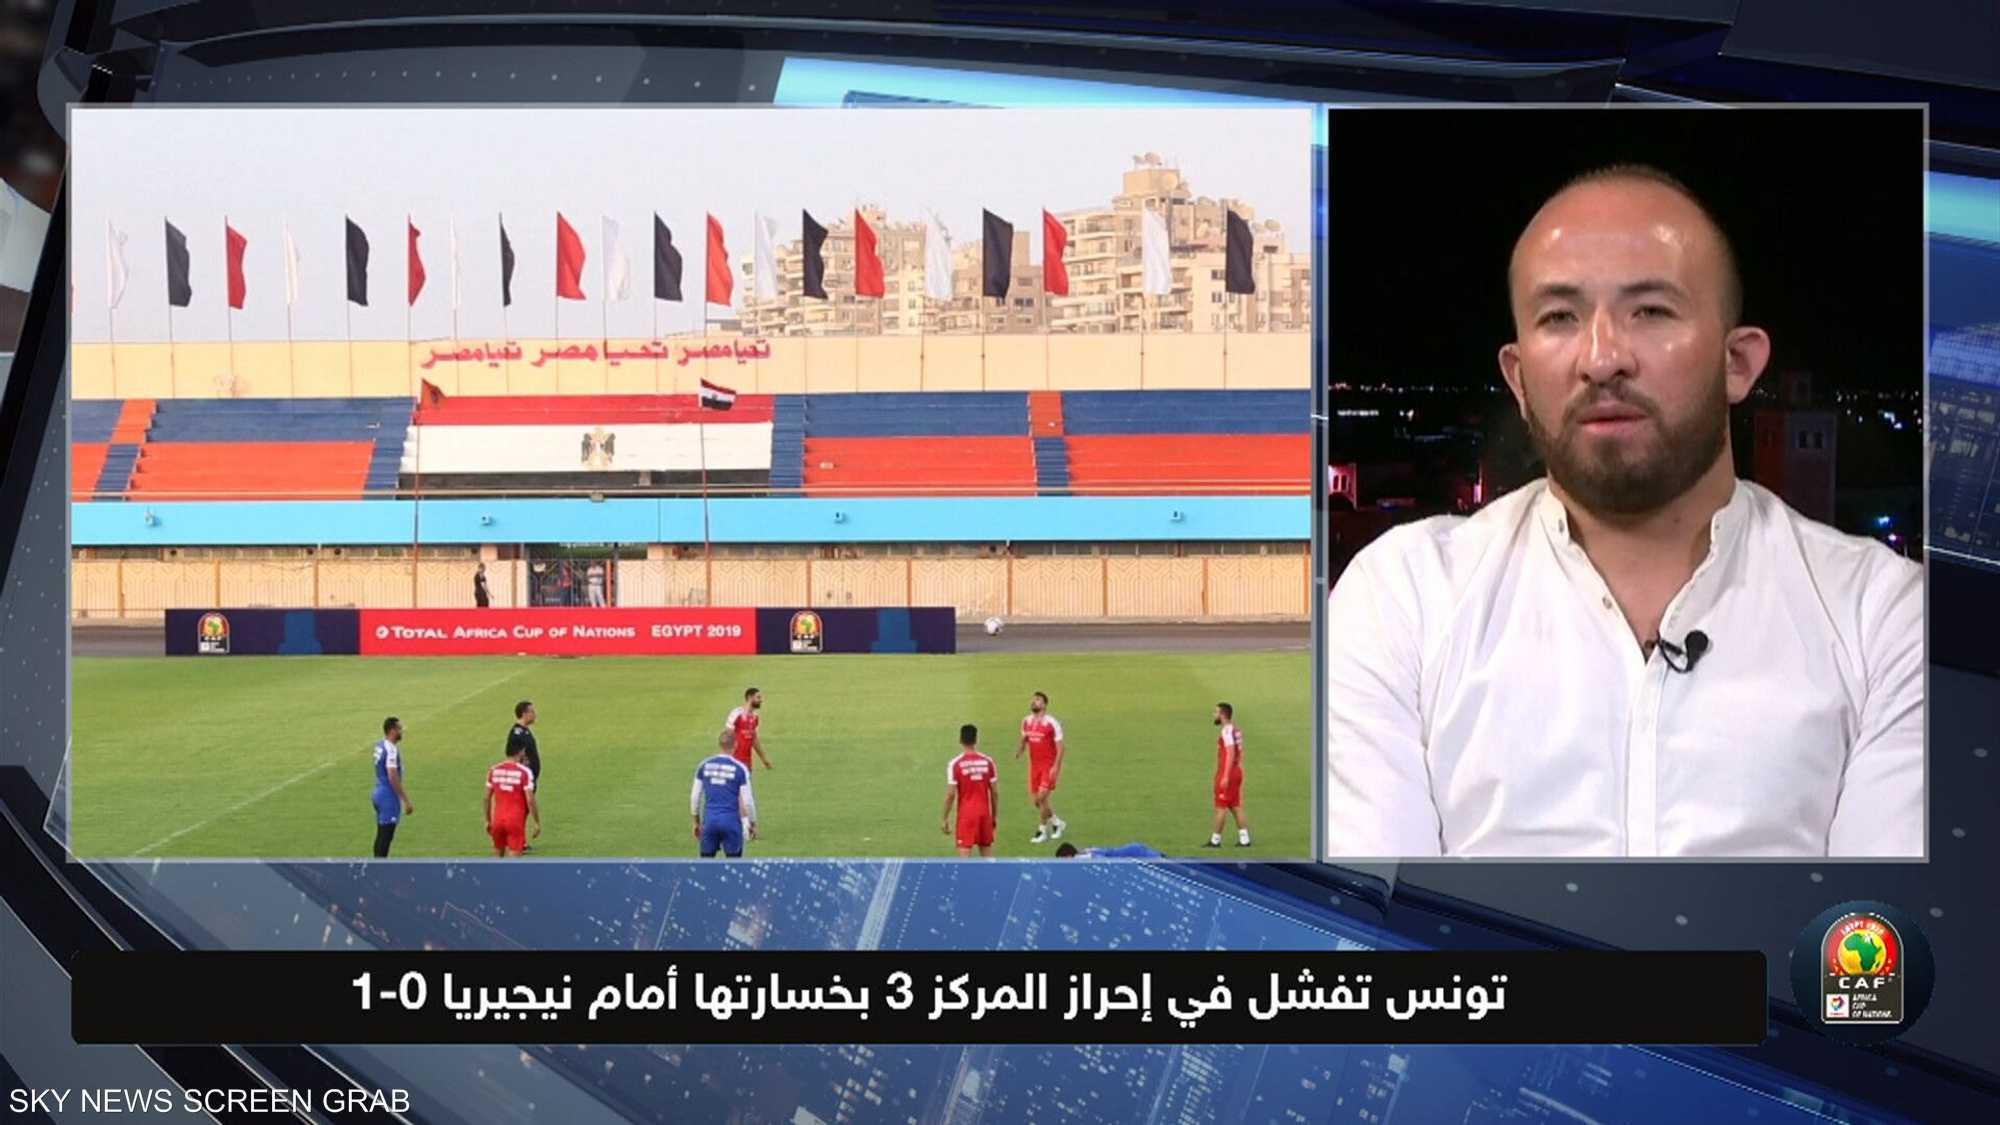 هل أداء المنتخب التونسي كان مقنعا بأمم إفريقيا بمصر؟